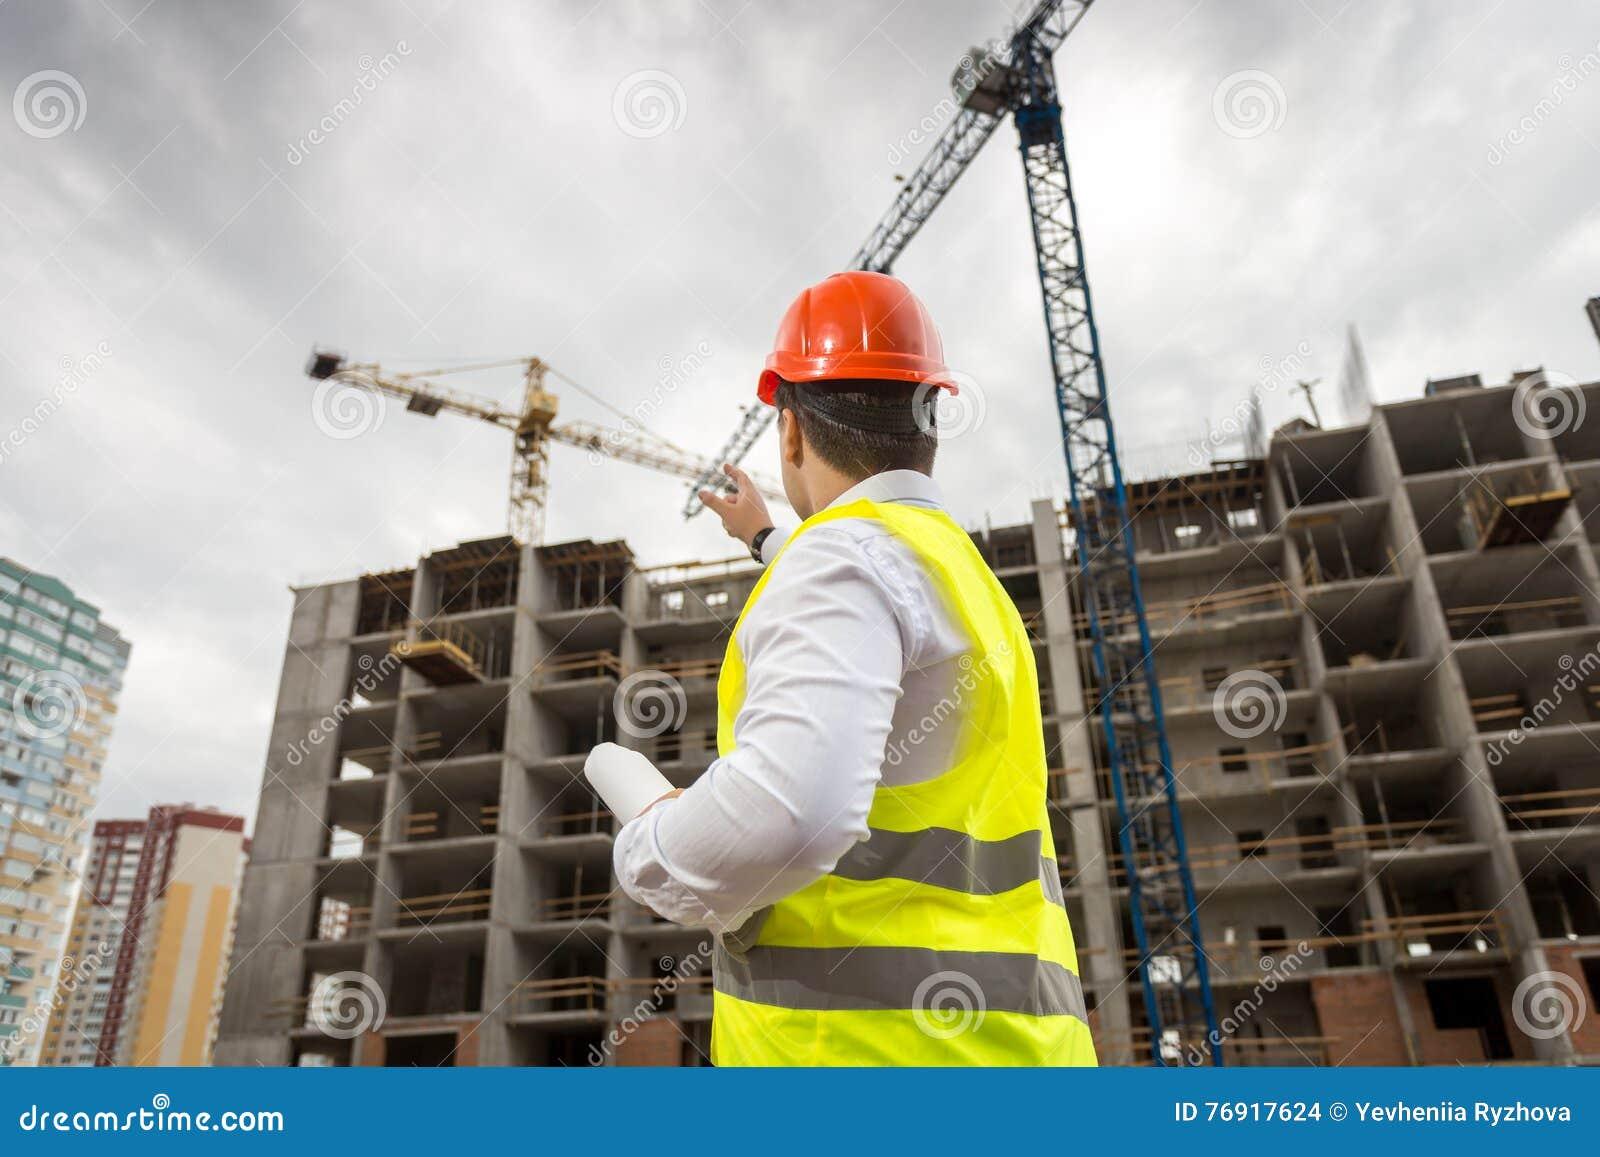 Arkitekt i hardhat som pekar på byggnad under konstruktion